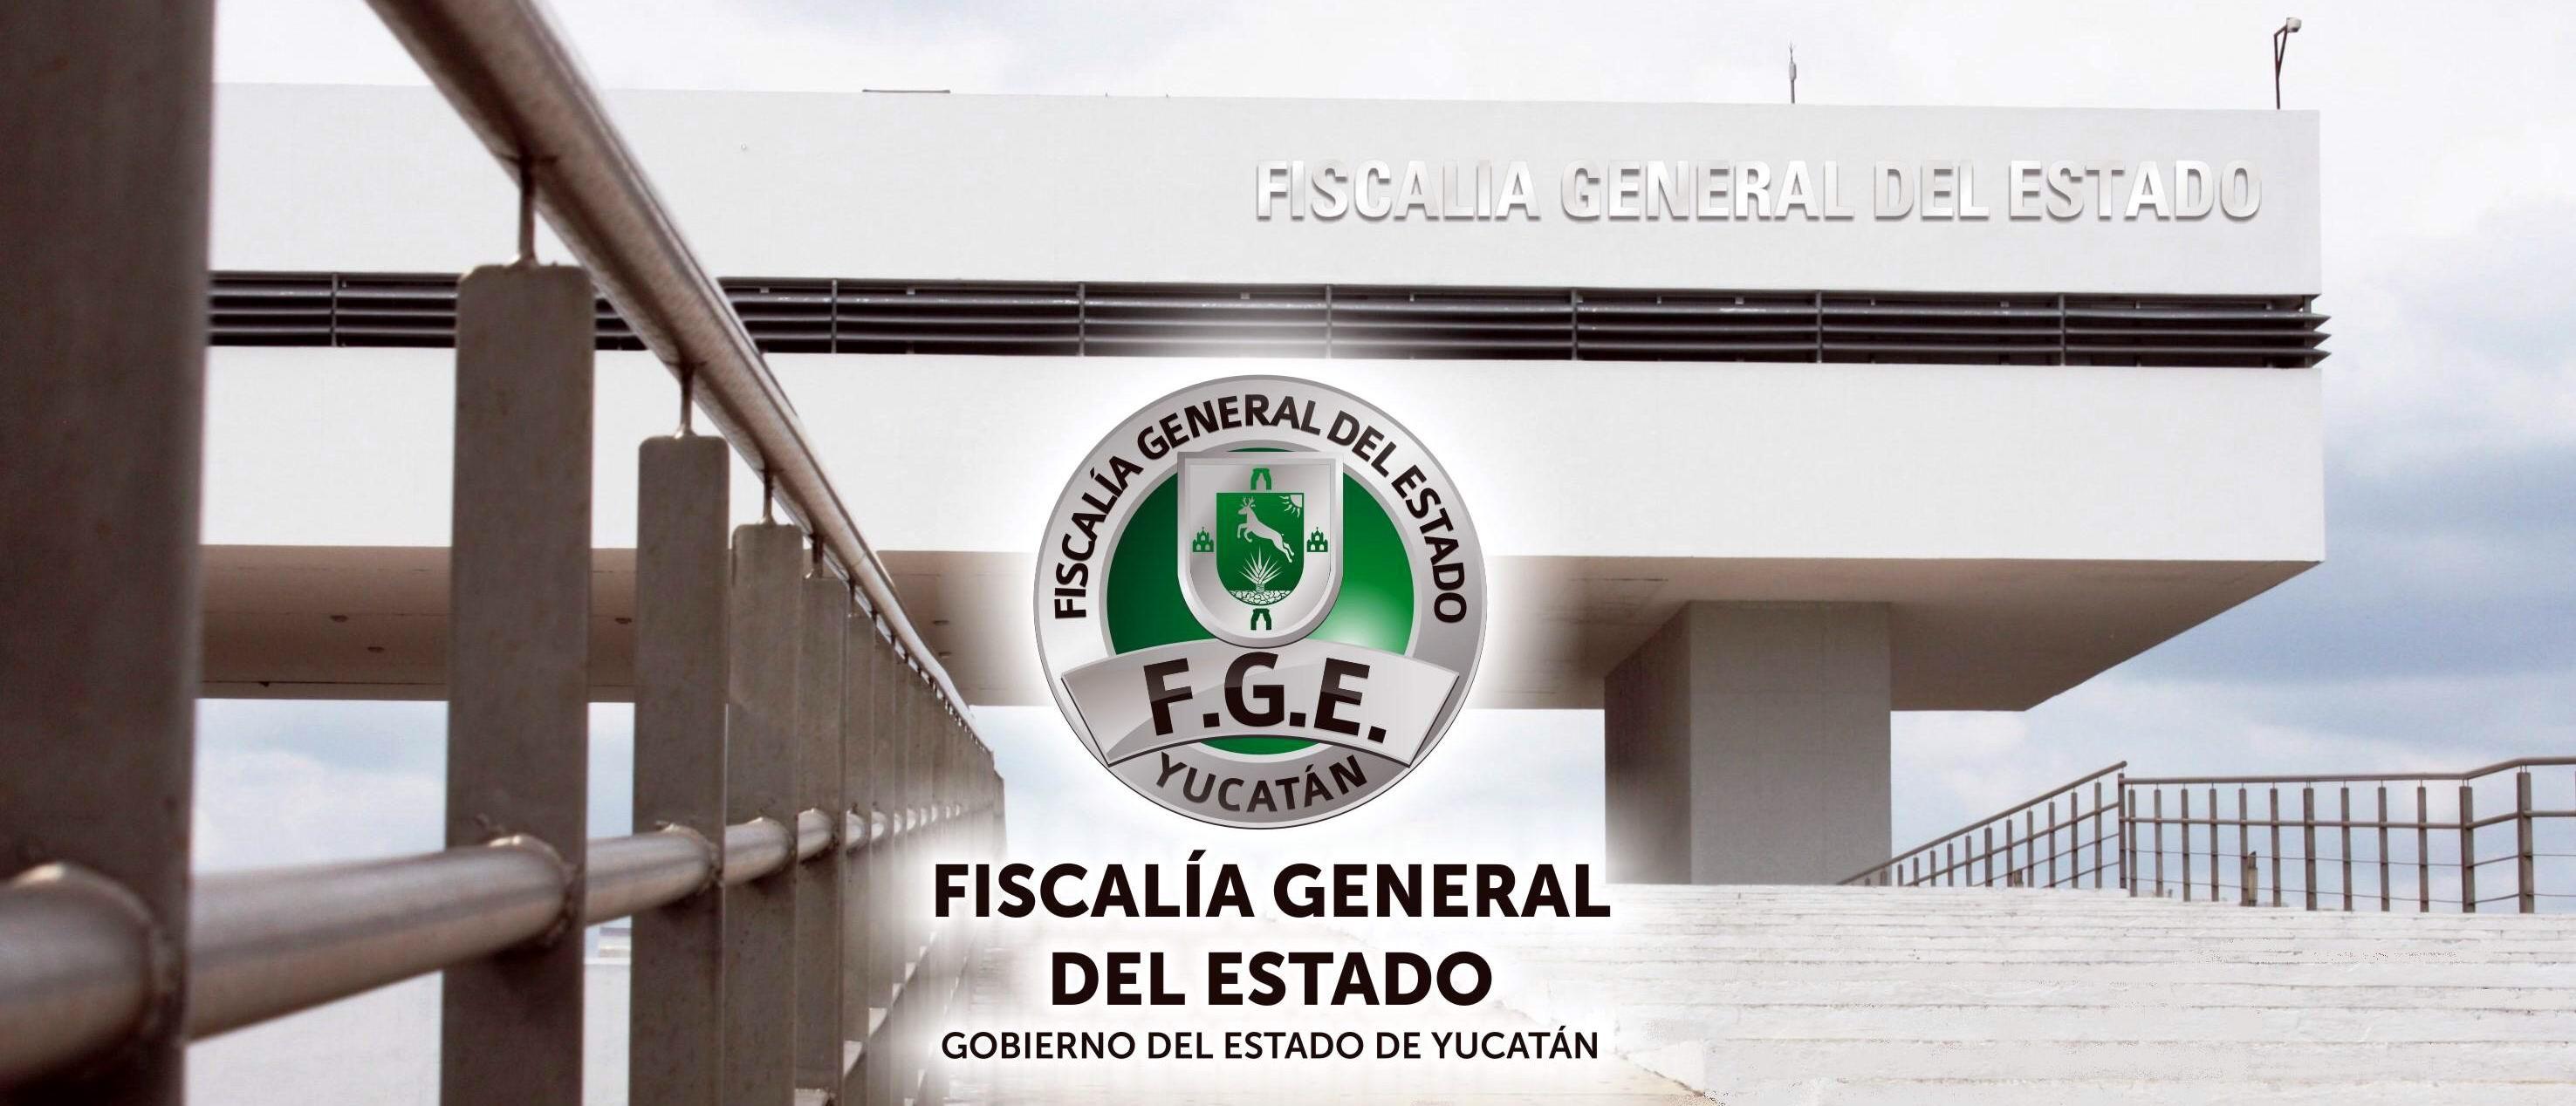 Confirman asesinato de ex alcalde yucateco